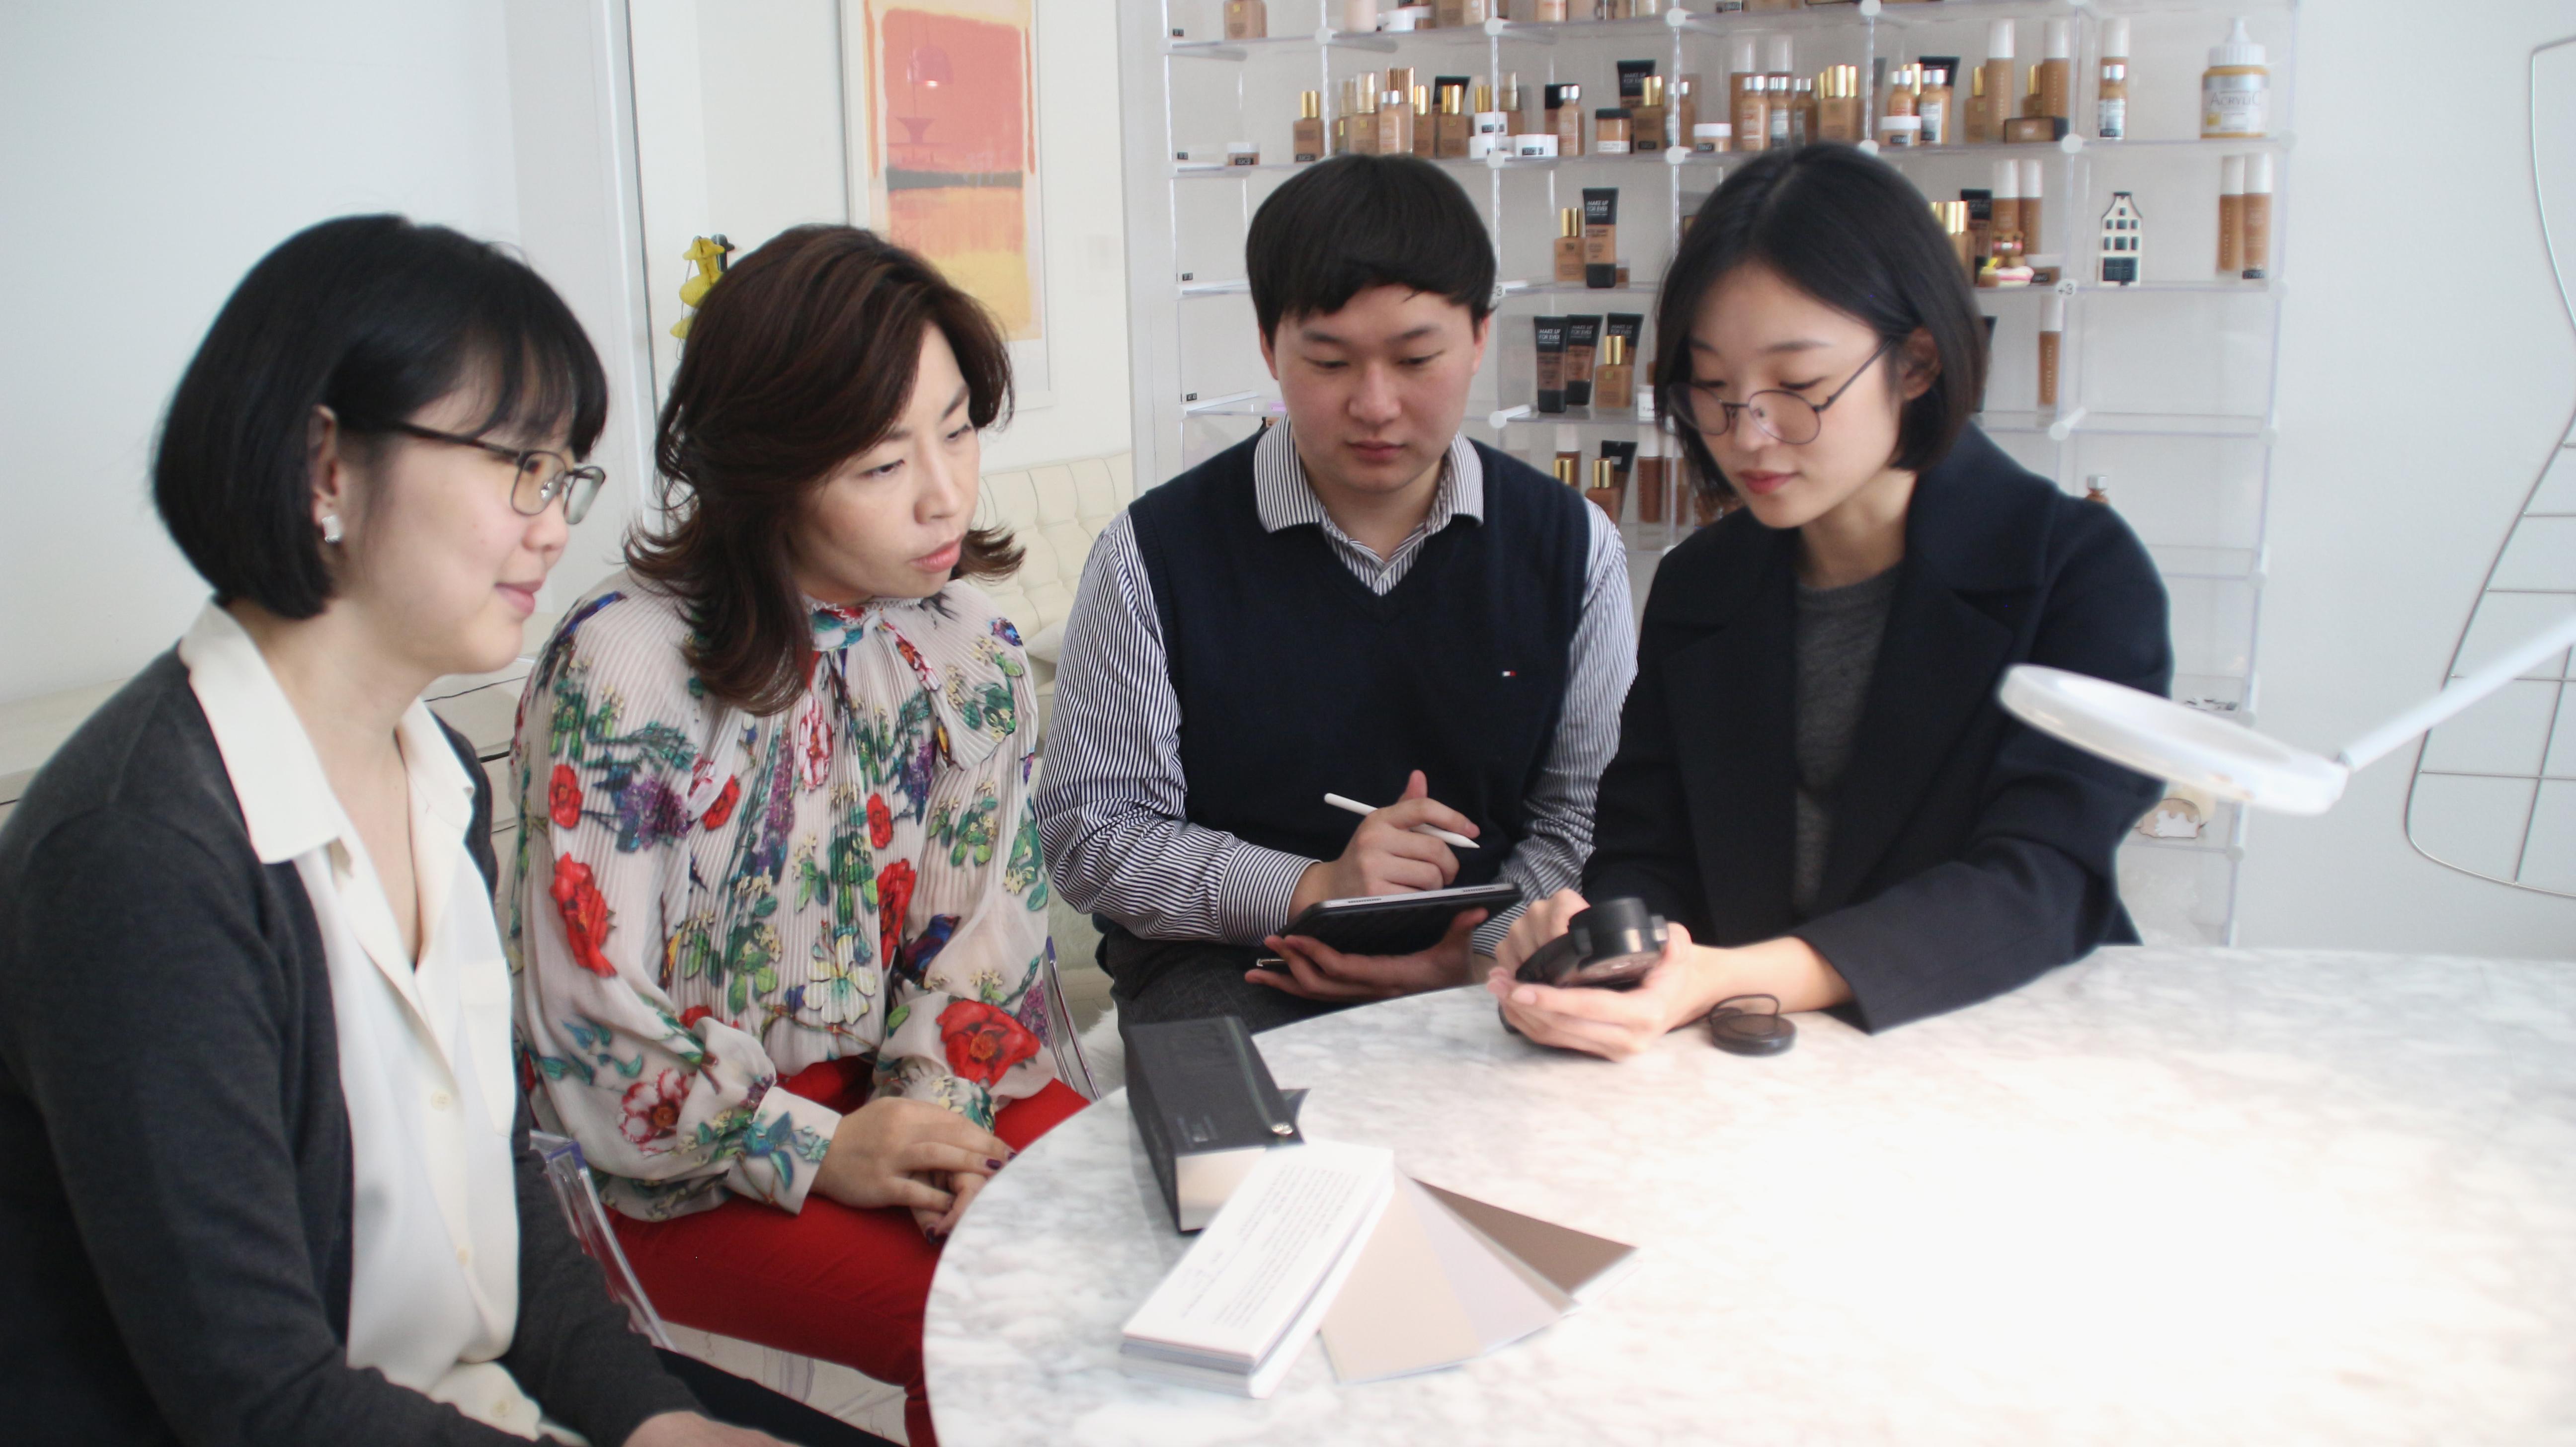 왼쪽부터 정현정 교수, 석현정 교수, 김태수 박사과정, 최경아 연구교수.jpg